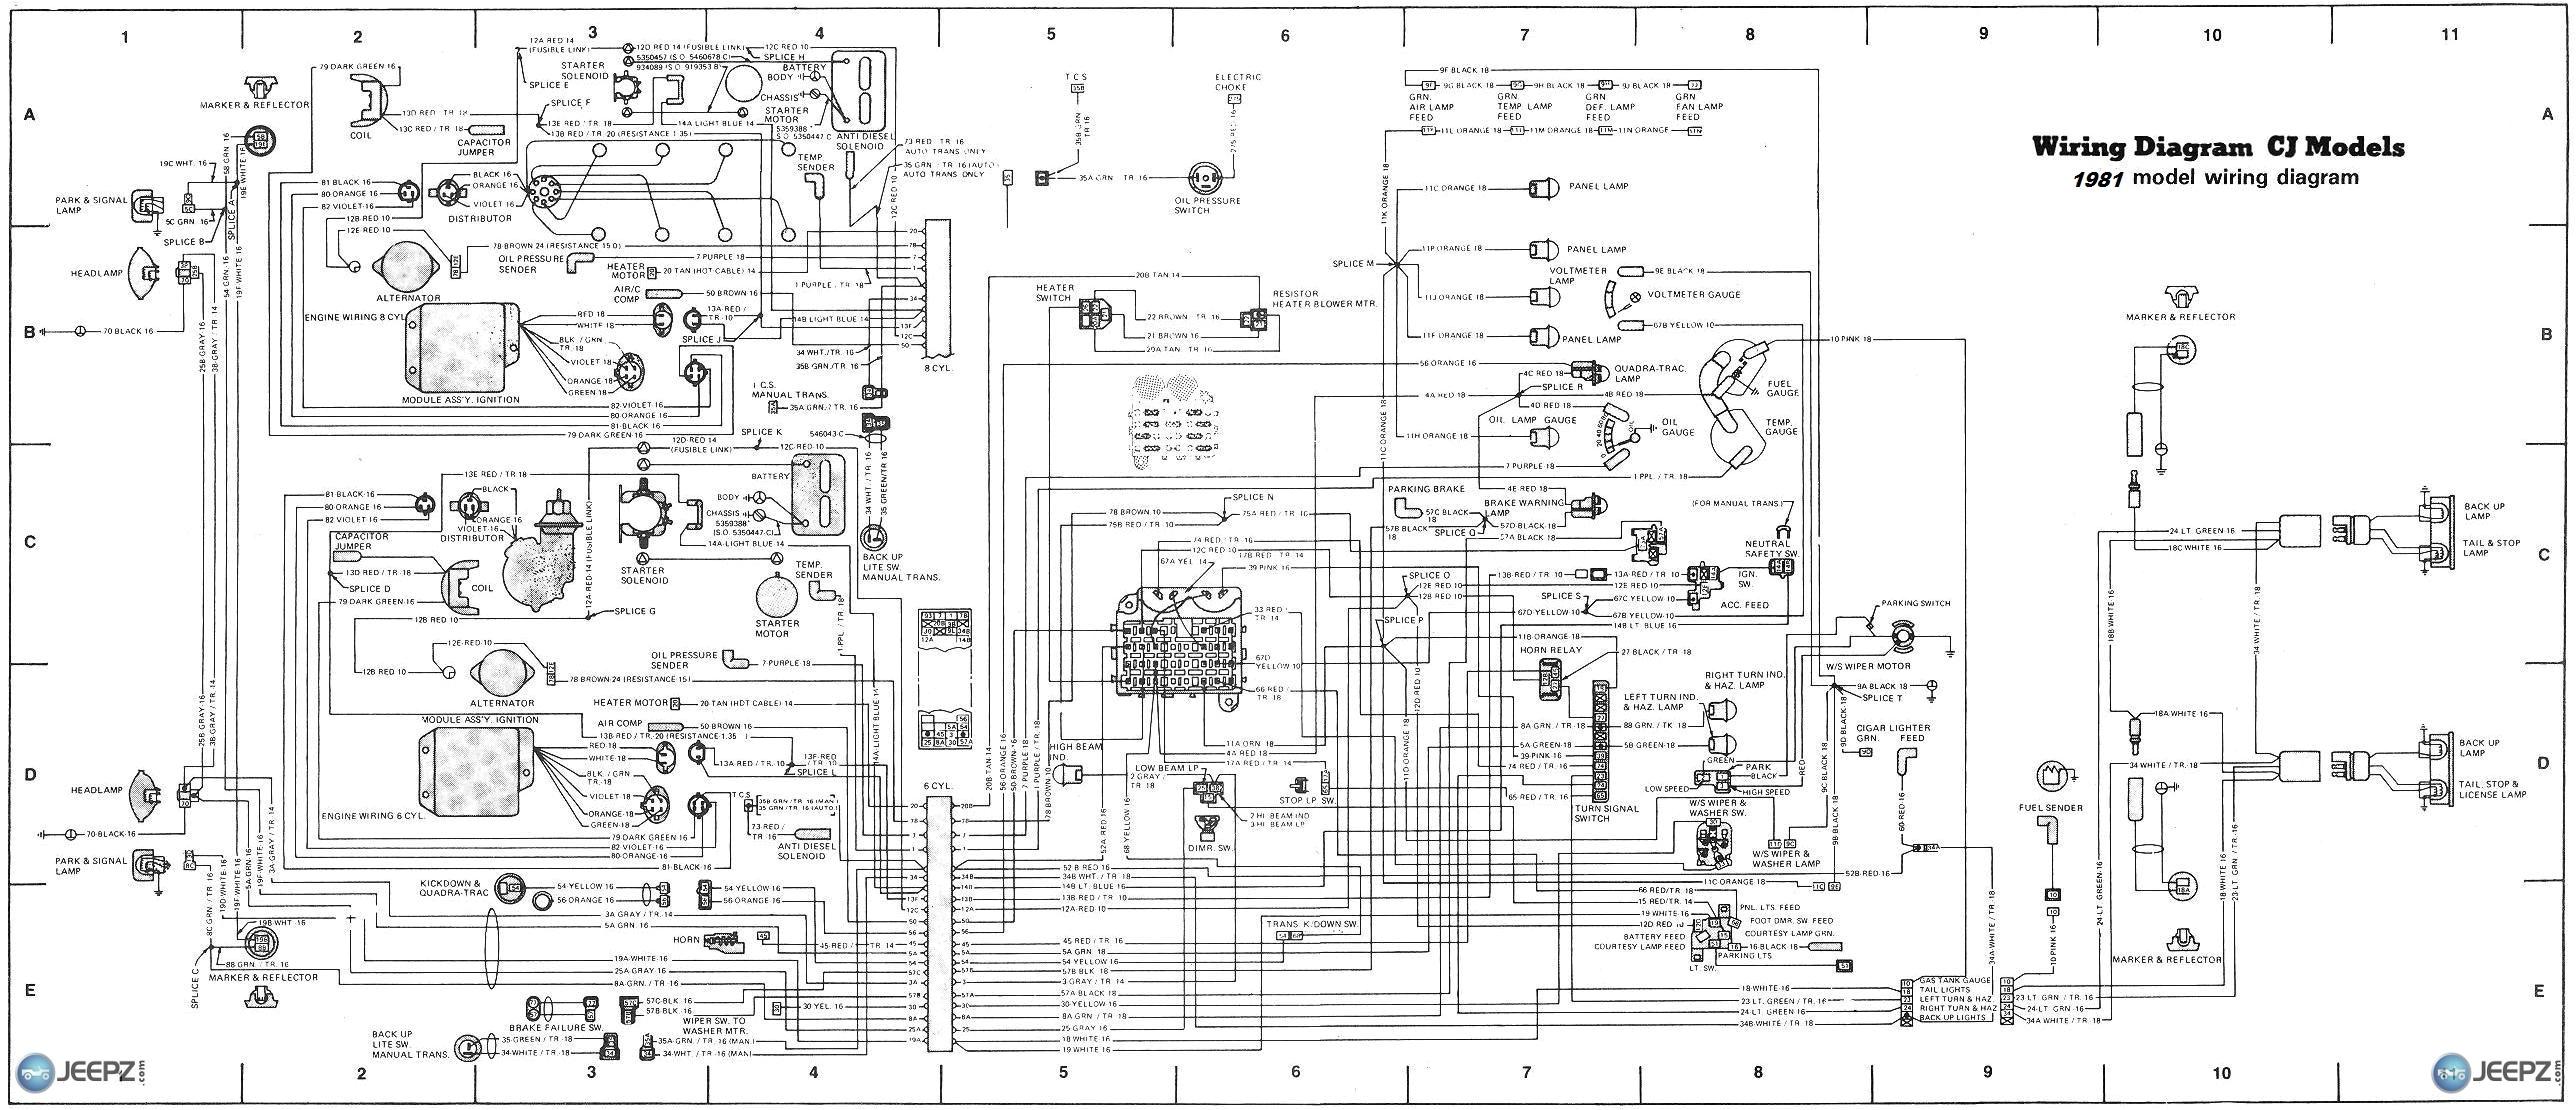 7993d1301845049 cj 7 wire diagram cj wiring diagram 1981 for jeep wiring diagrams within jeep cj5 wiring diagram jpg